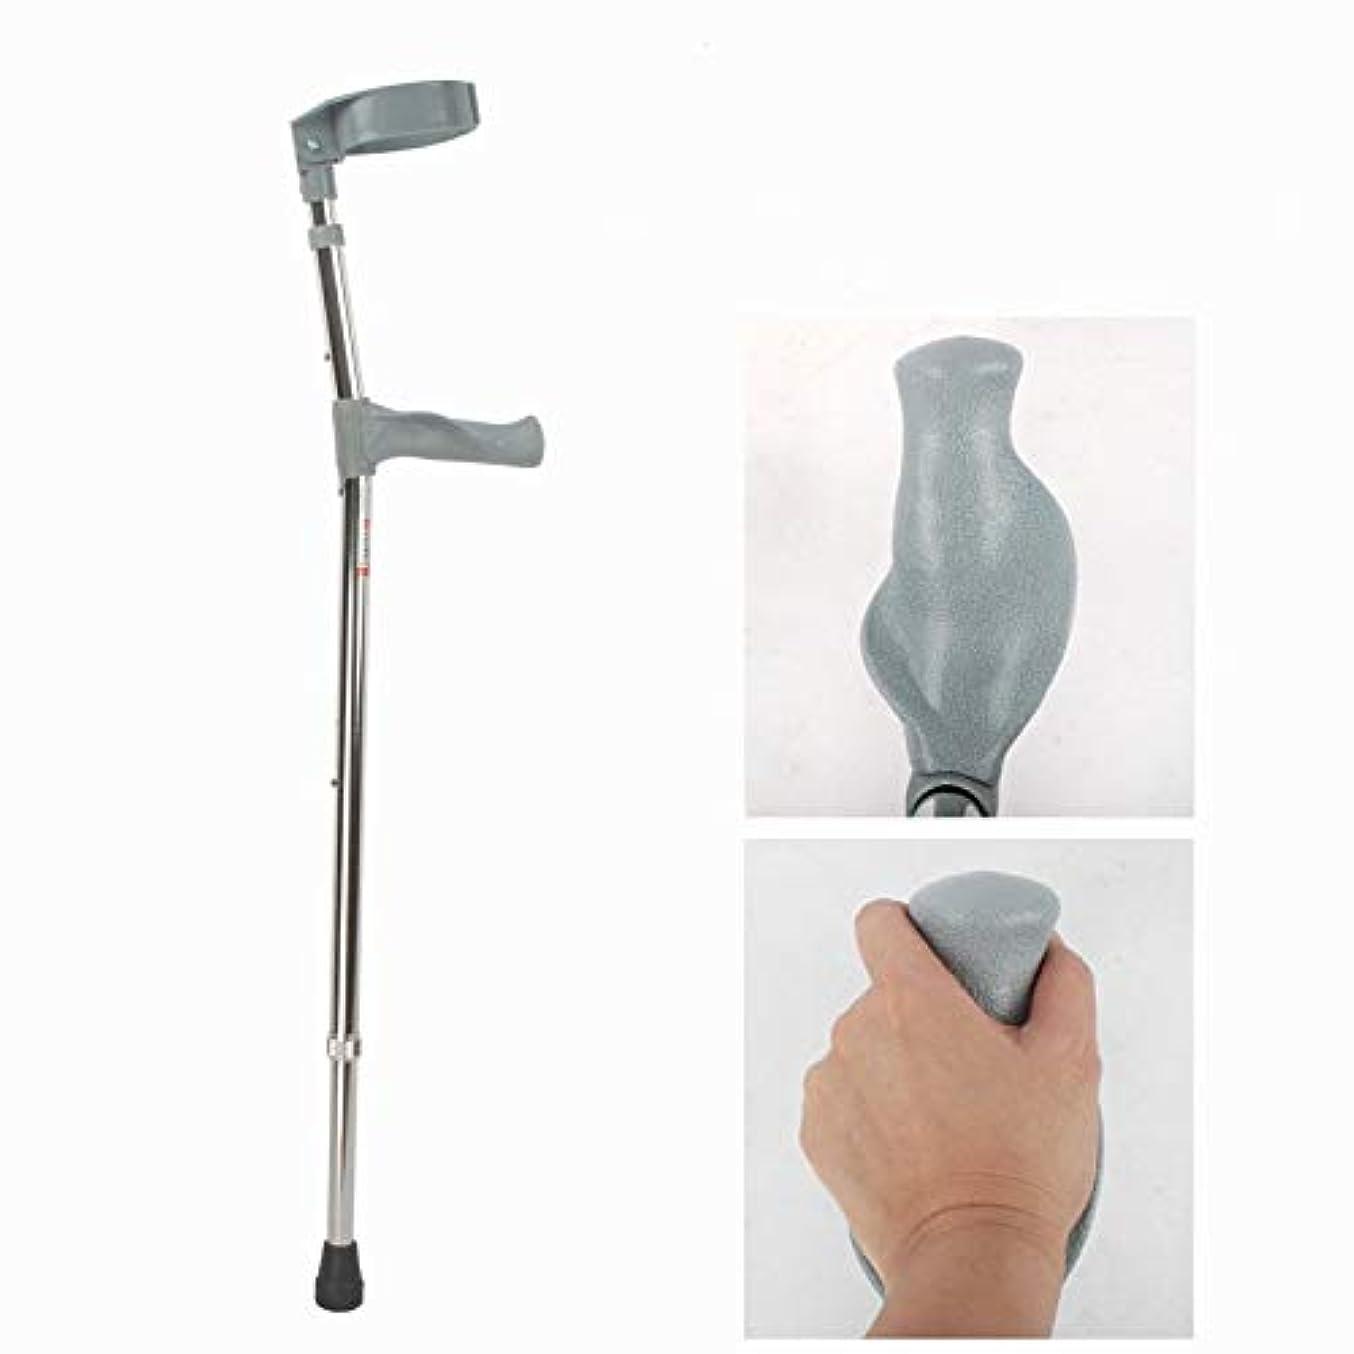 エネルギーブース日付付きバランス、移動性の援助のための杖アルミ合金の滑り止めの軽量の調節可能な杖 (Color : Dedicatedlefthand)